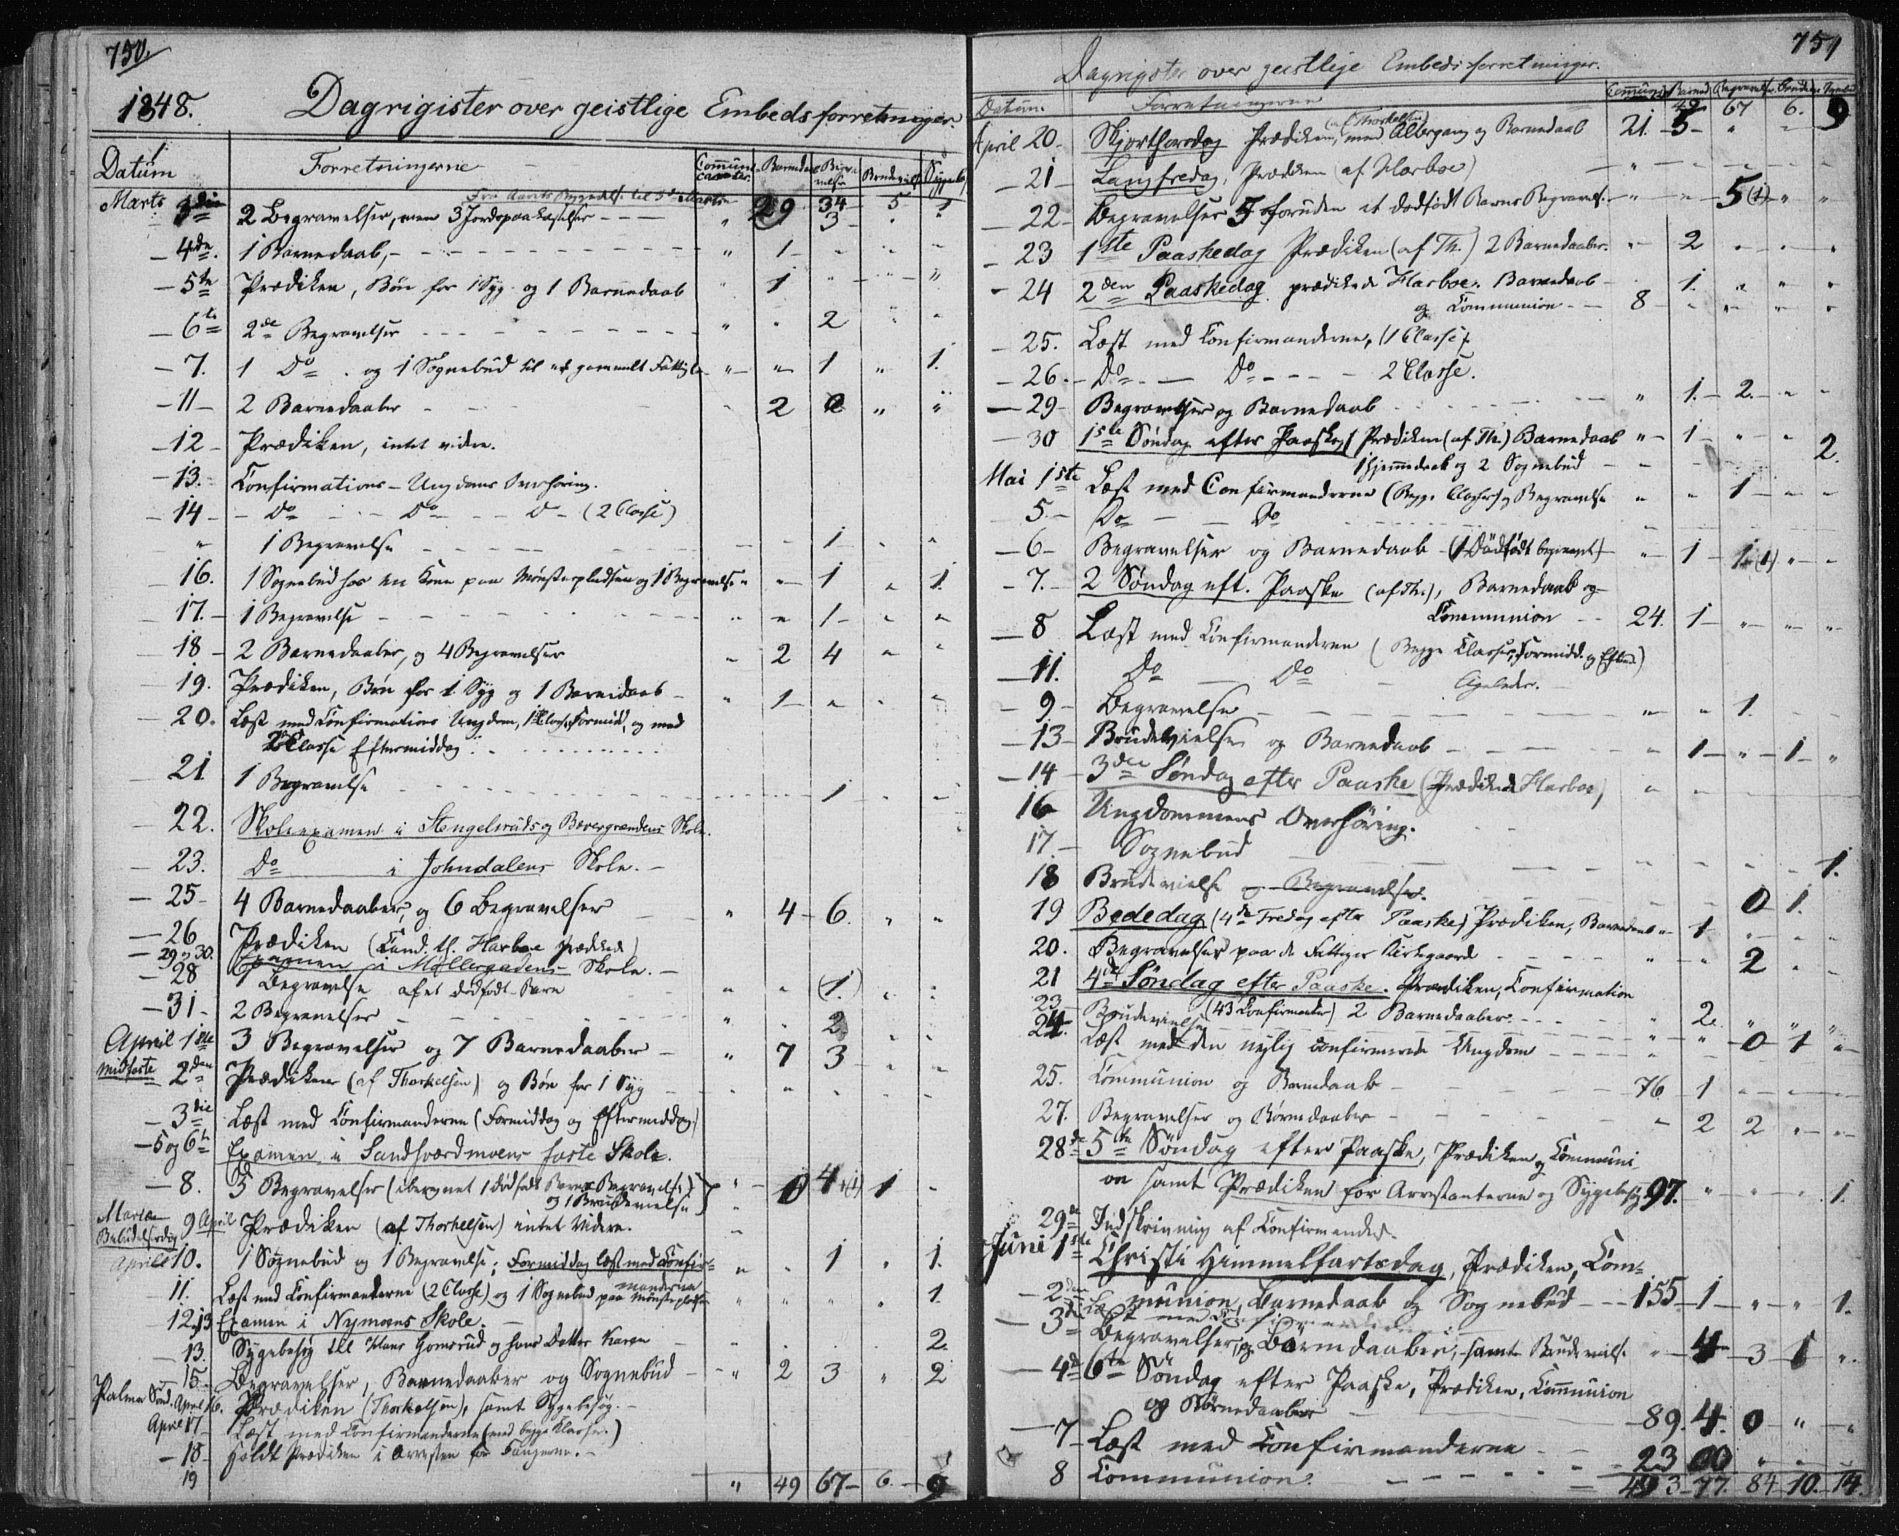 SAKO, Kongsberg kirkebøker, F/Fa/L0009: Ministerialbok nr. I 9, 1839-1858, s. 750-751